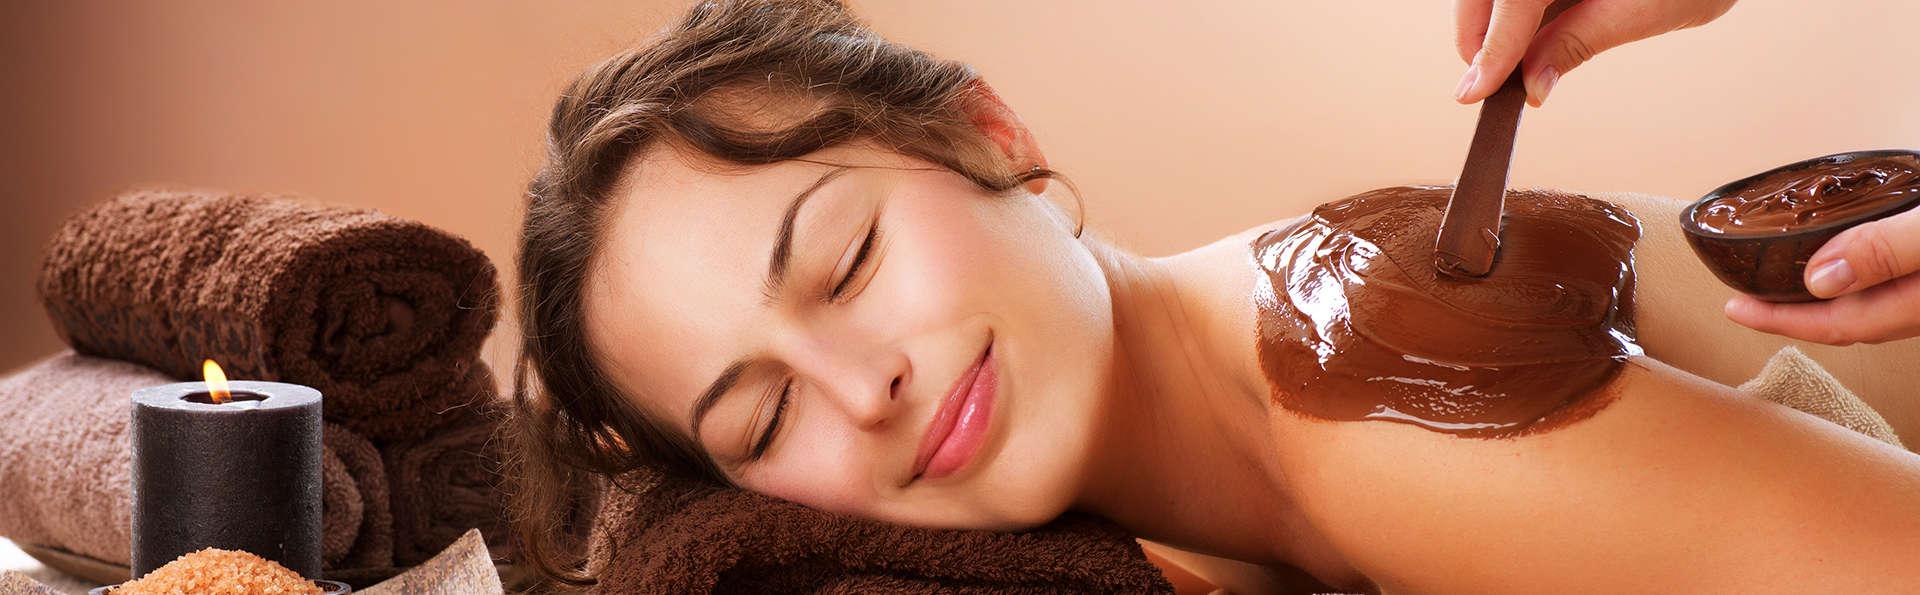 Escapada romántica con spa y masaje con esencia de chocolate